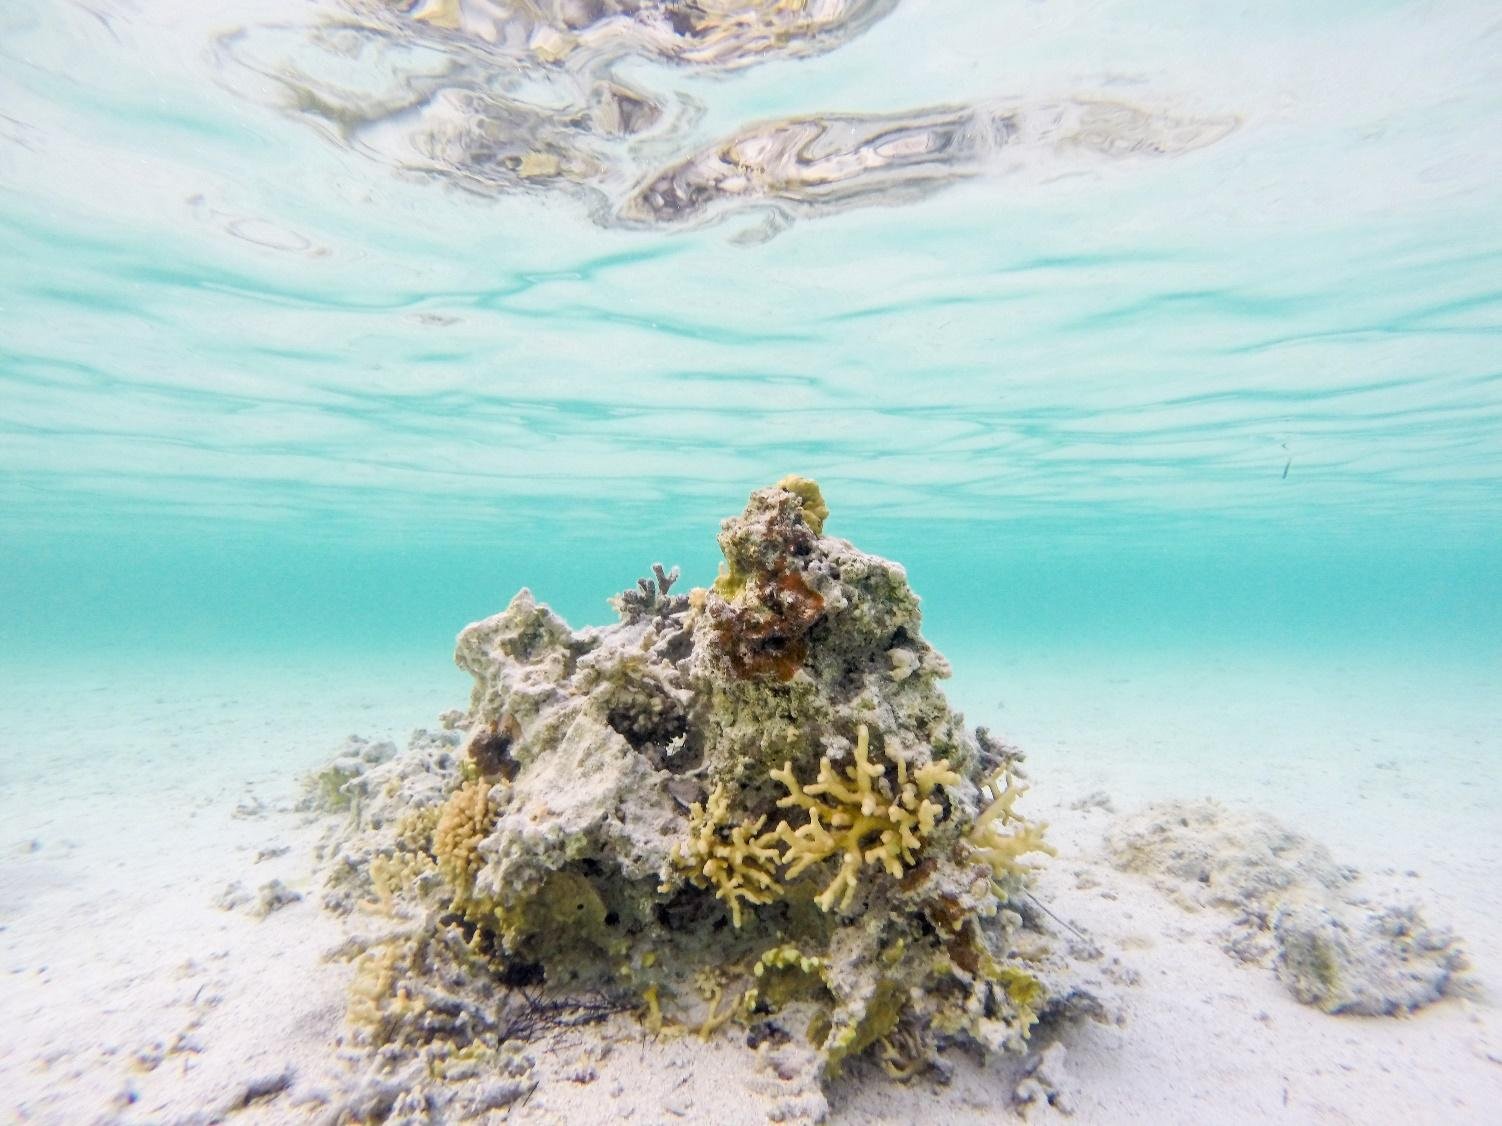 Obraz zawierający zewnętrzne, woda, przyroda, rafa  Opis wygenerowany automatycznie